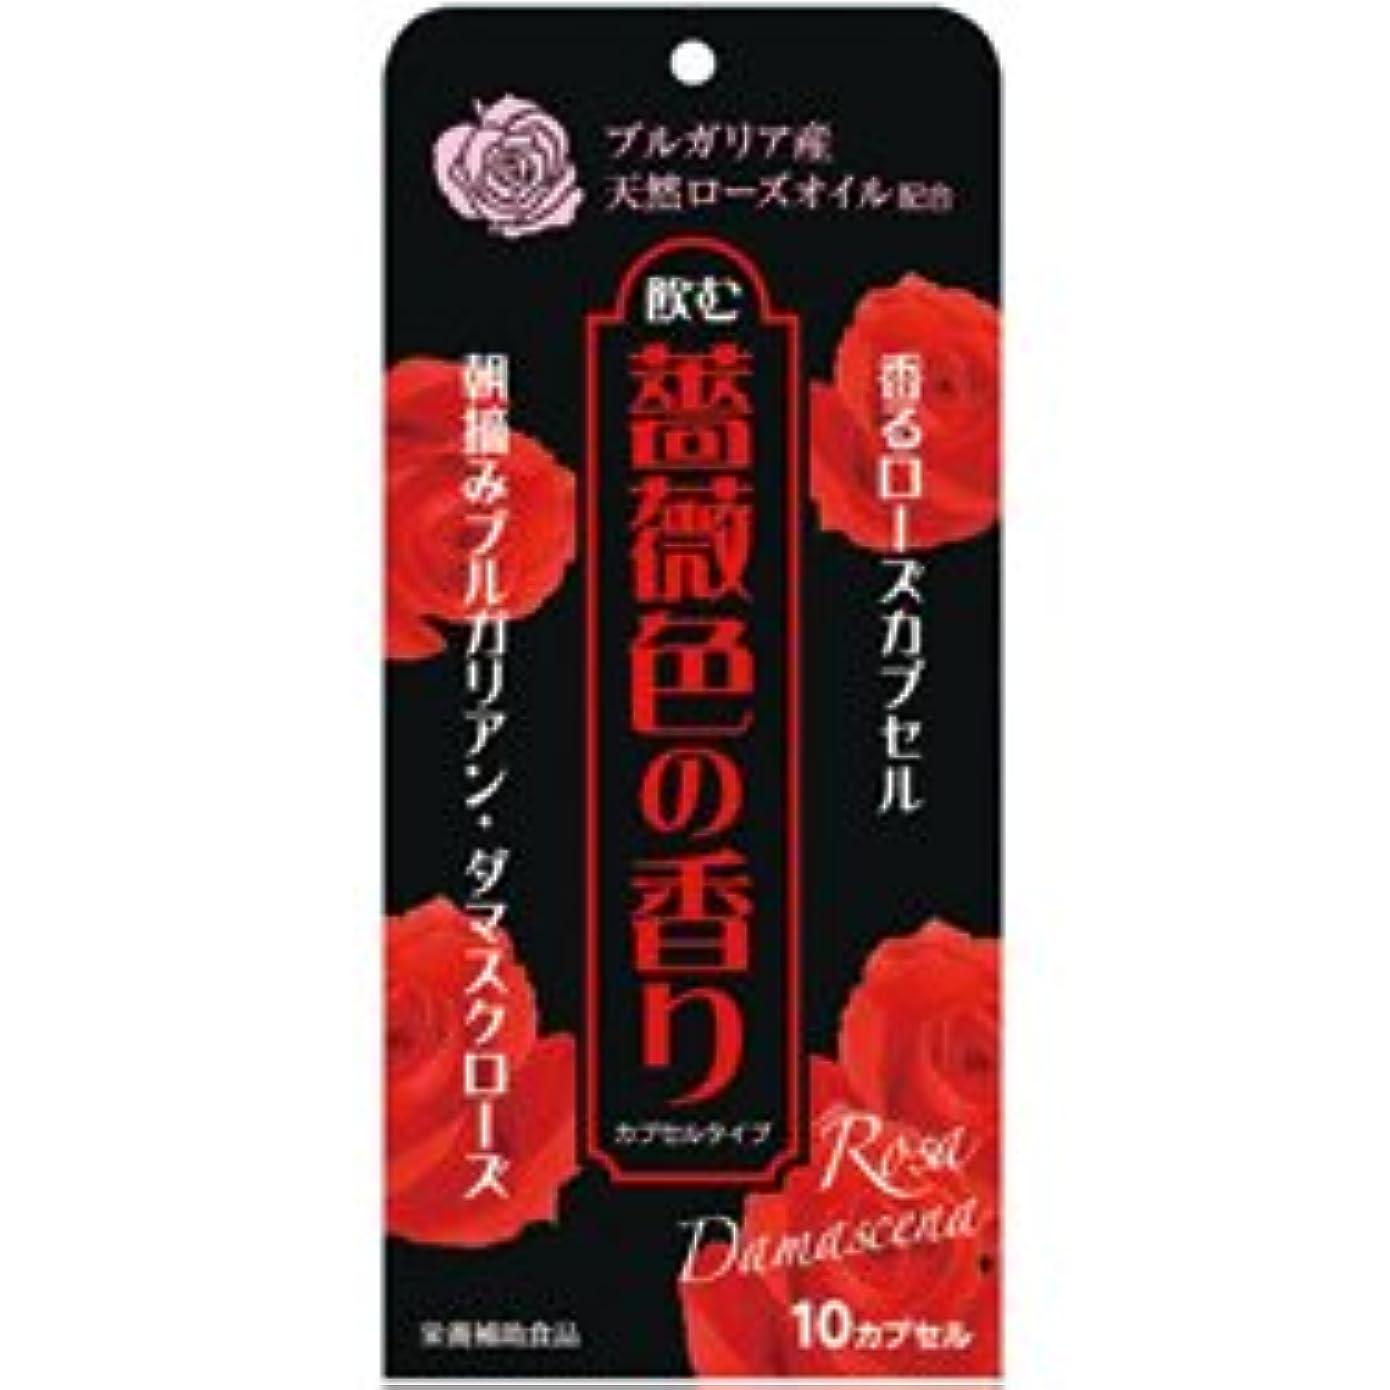 醜い飢機密【ウェルネスジャパン】飲む薔薇色の香り 10カプセル ×3個セット